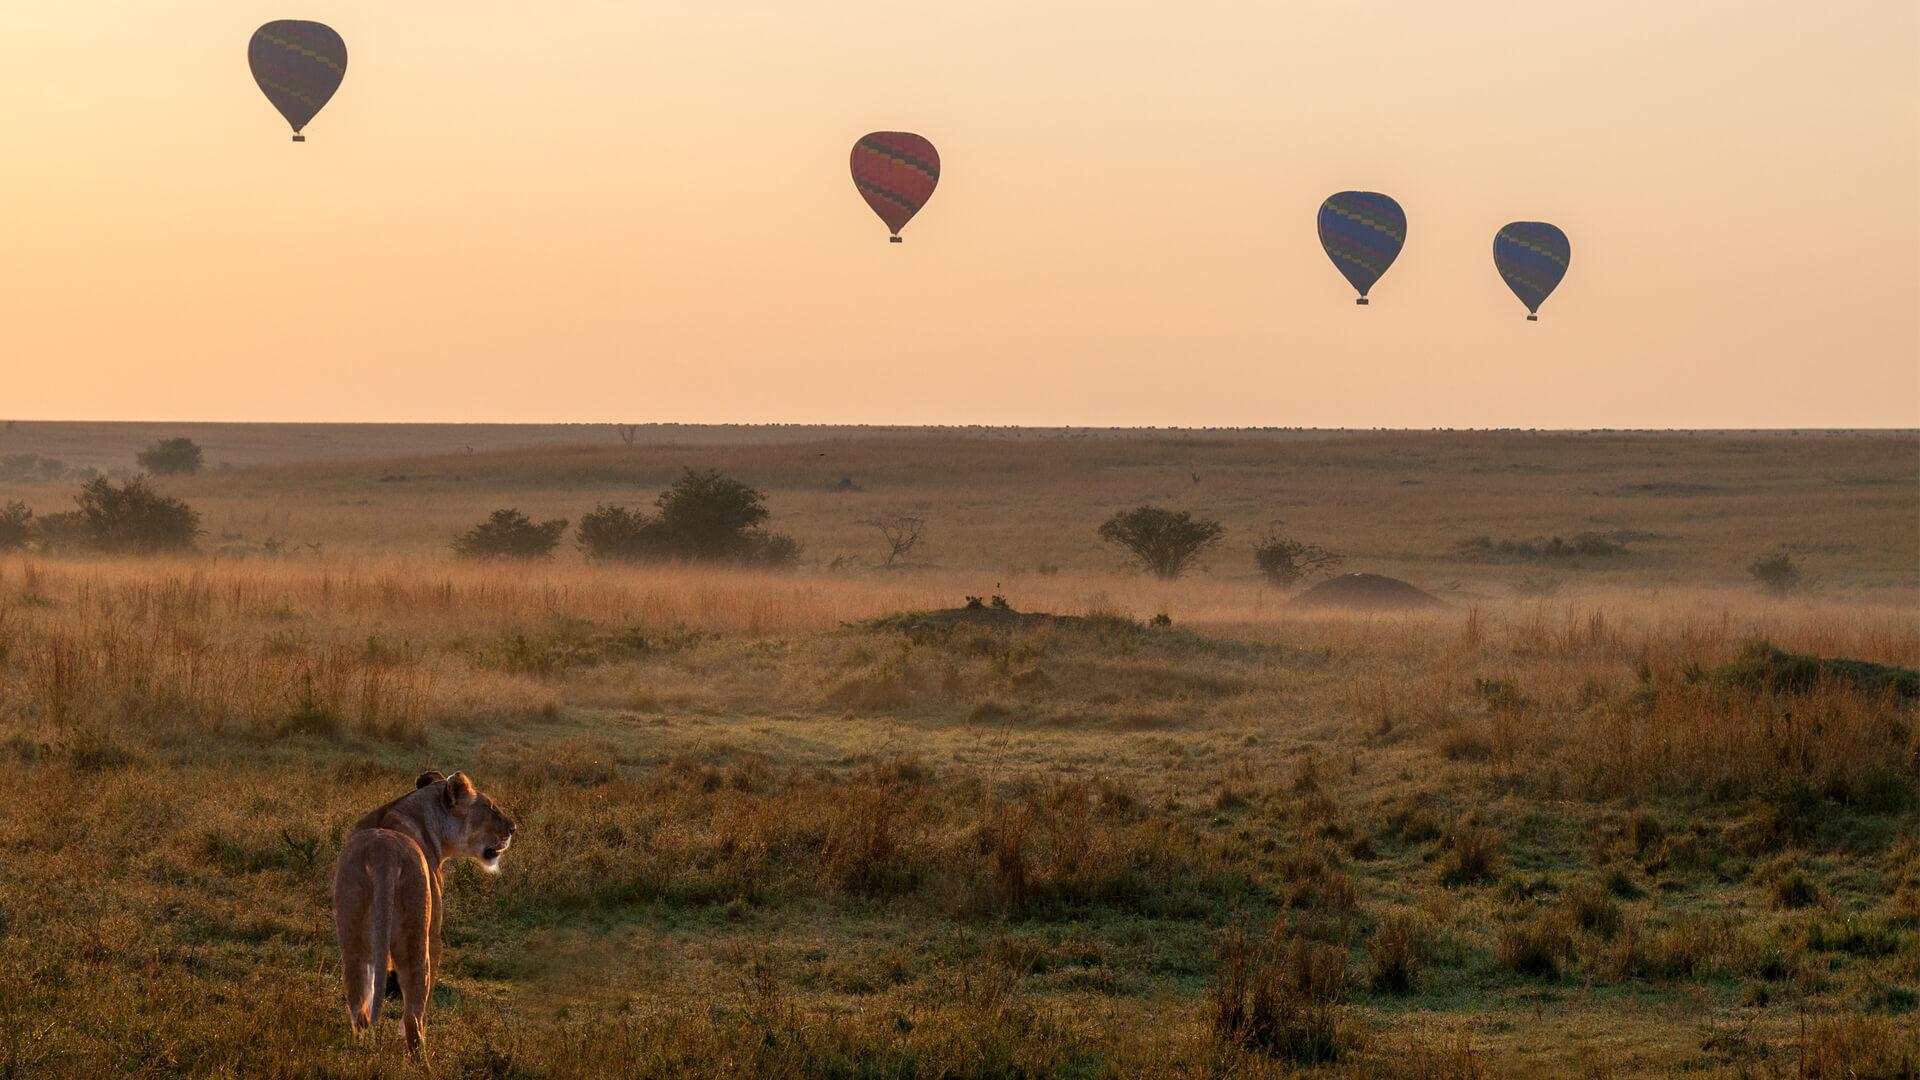 Hot Air Balloon Safari in Masai Mara, Kenya and FAQ